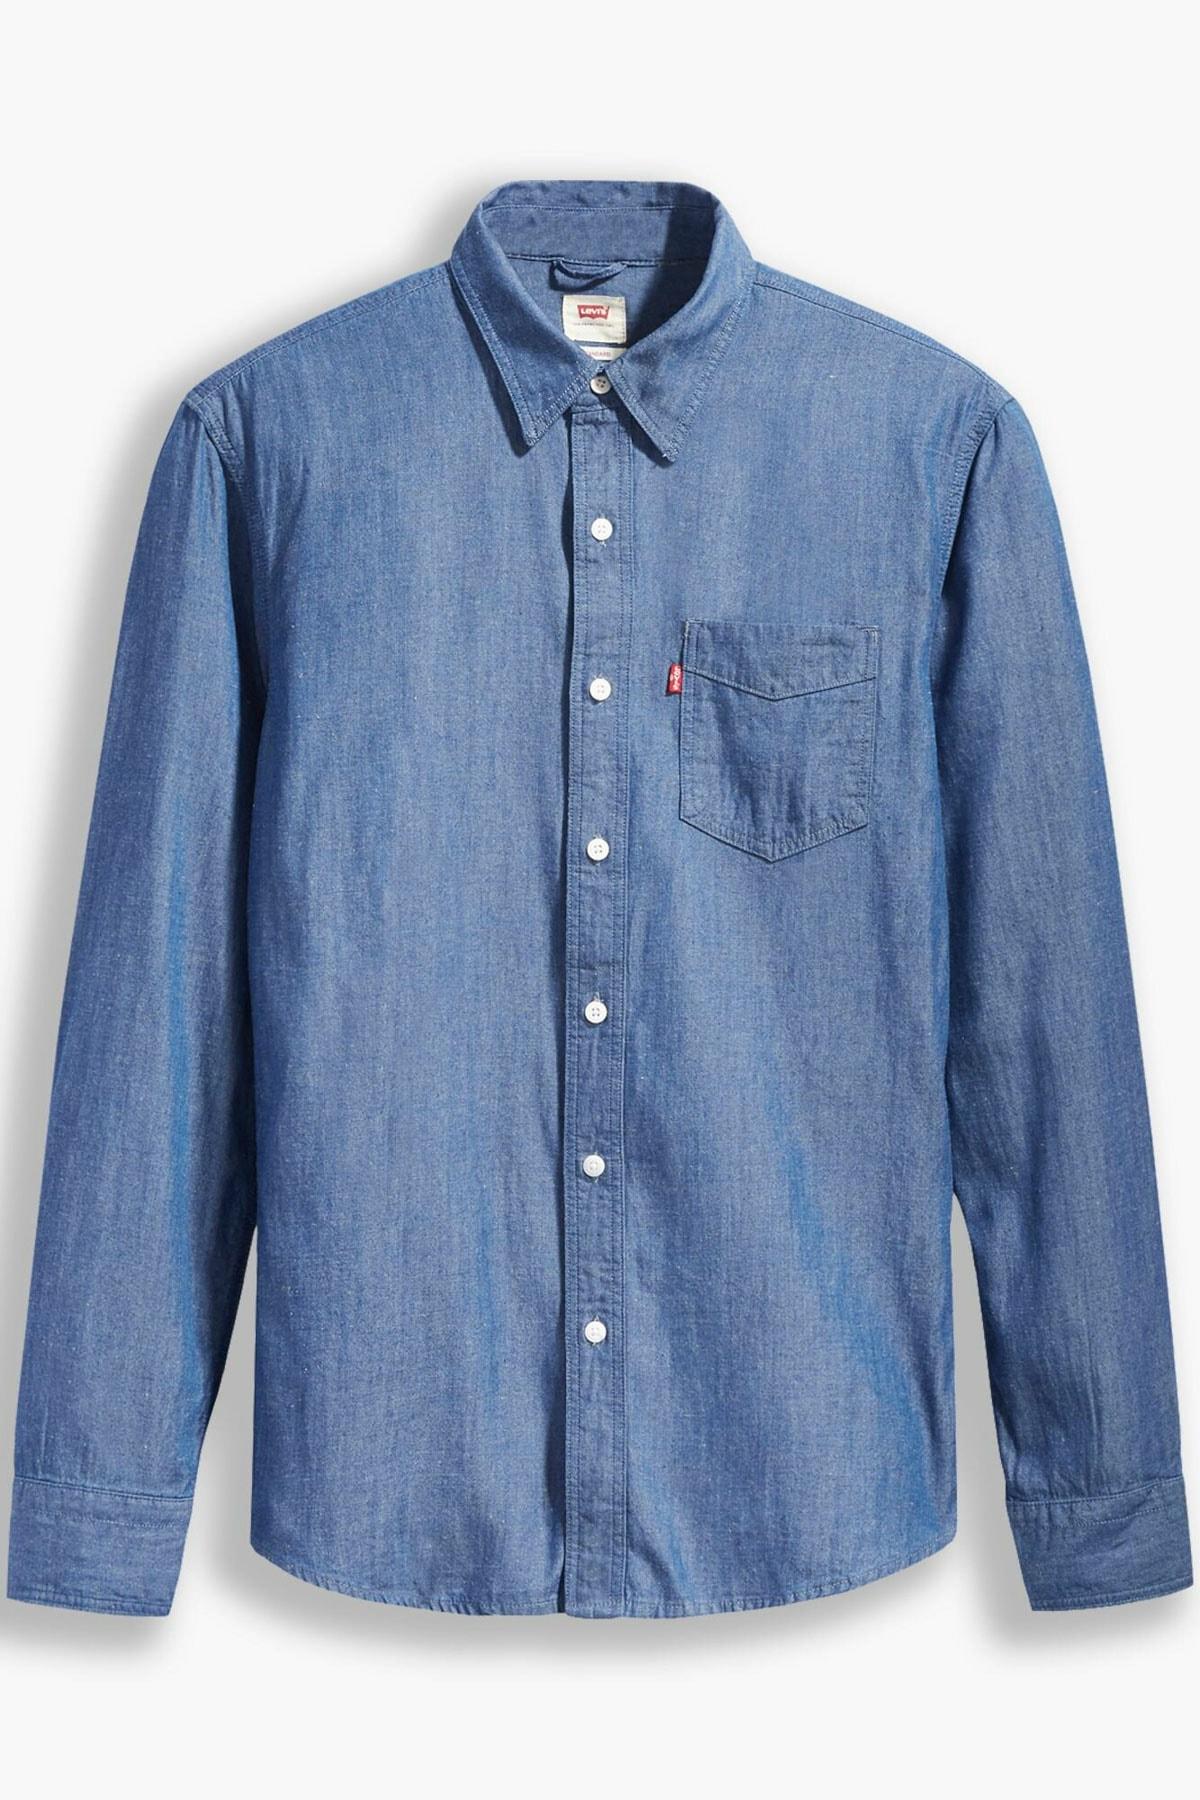 Levi's Erkek Slim Fit Mavi Gömlek 86619-0032 1